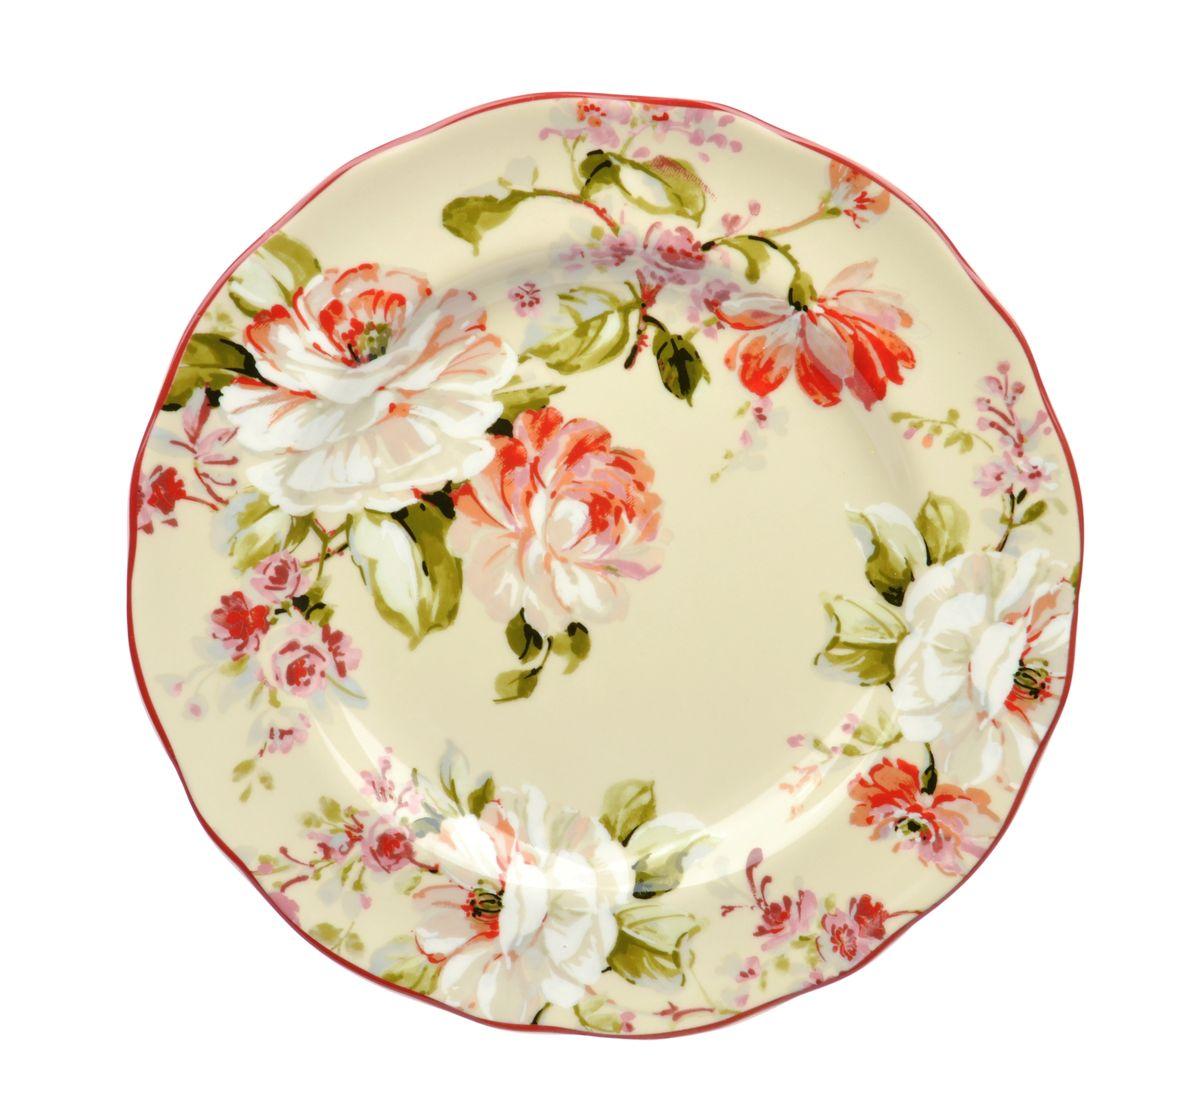 Тарелка обеденная Utana Эмилия, диаметр 27,5 см54 009312Тарелка обеденная Utana Эмилия изготовлена из высококачественной керамики. Предназначена для красивой подачи различных блюд. Изделие декорировано ярким изображением цветов. Такая тарелка украсит сервировку стола и подчеркнет прекрасный вкус хозяйки.Можно мыть в посудомоечной машине и использовать в СВЧ. Диаметр: 27,5 см.Высота: 3 см.